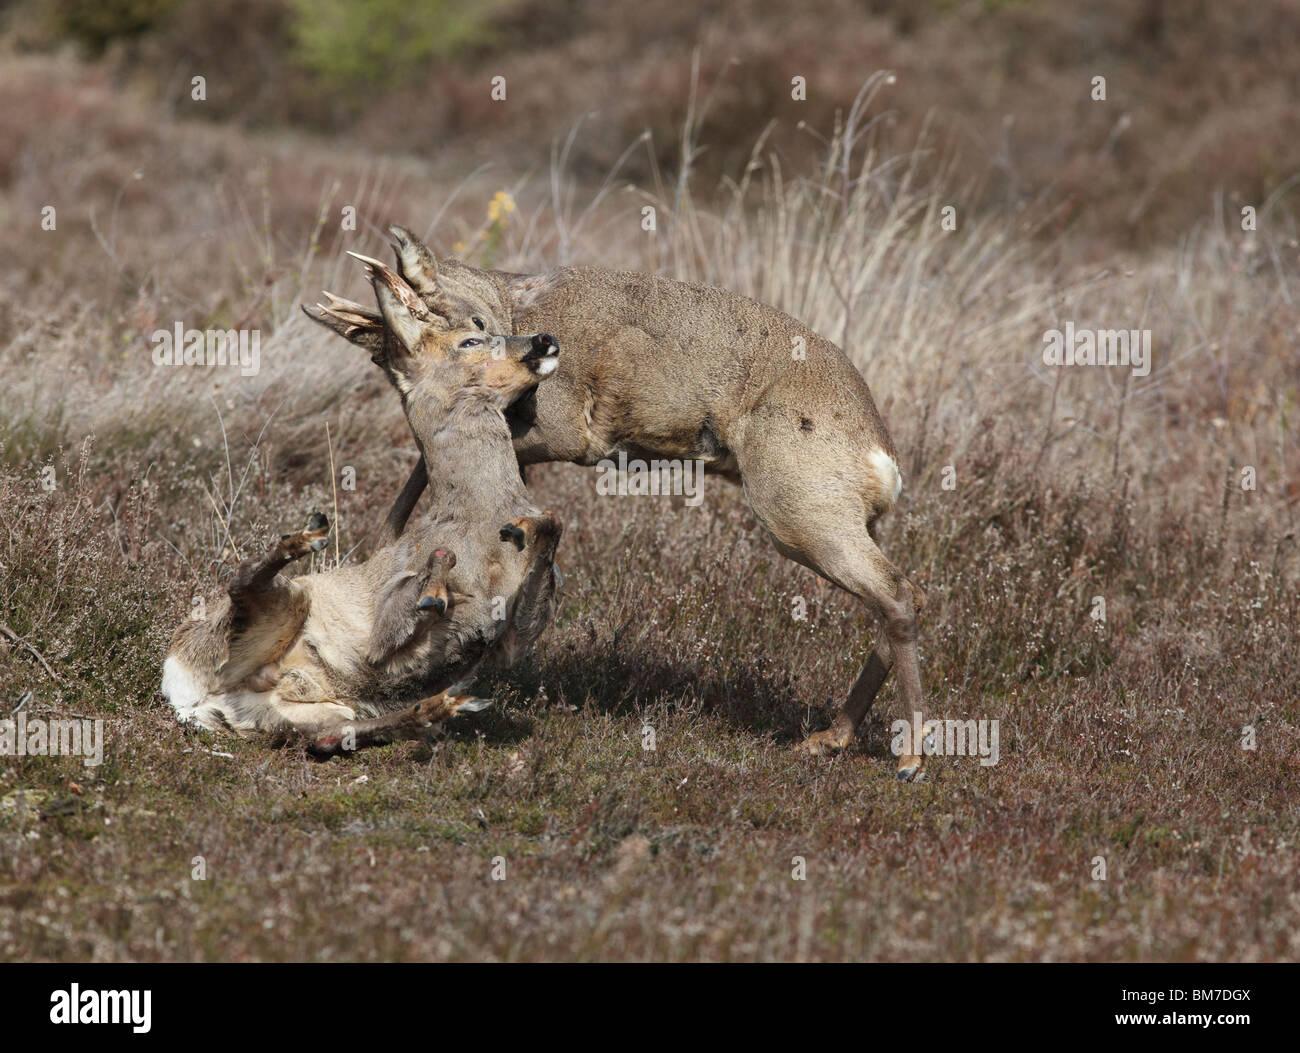 Roe deer (Capreolus capreolus) bucks fighting - Stock Image